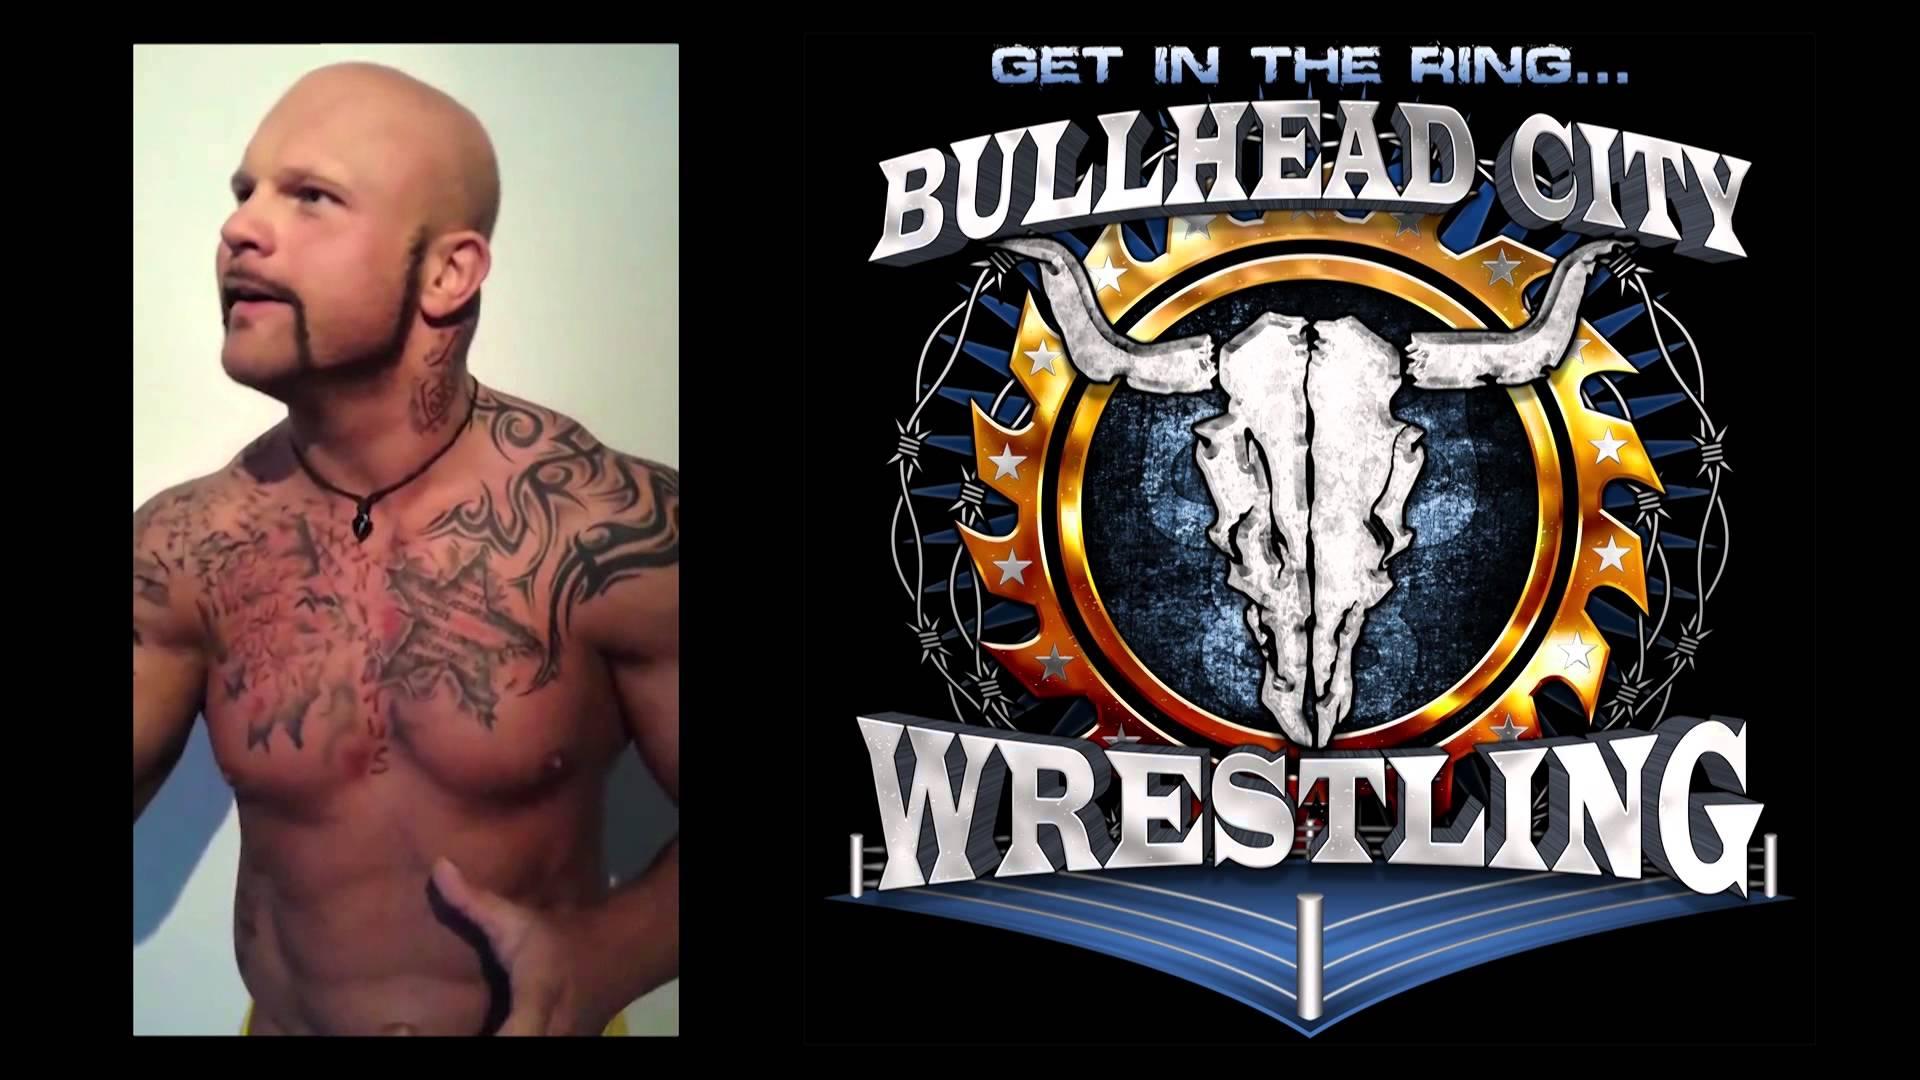 Bullhead City Wrestling 2014 - Bones